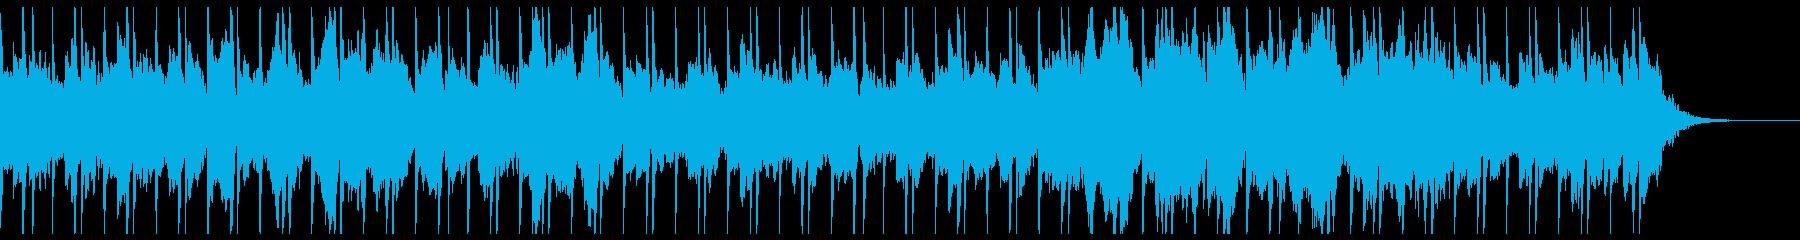 重く鬱々としたエレクトロニカの再生済みの波形